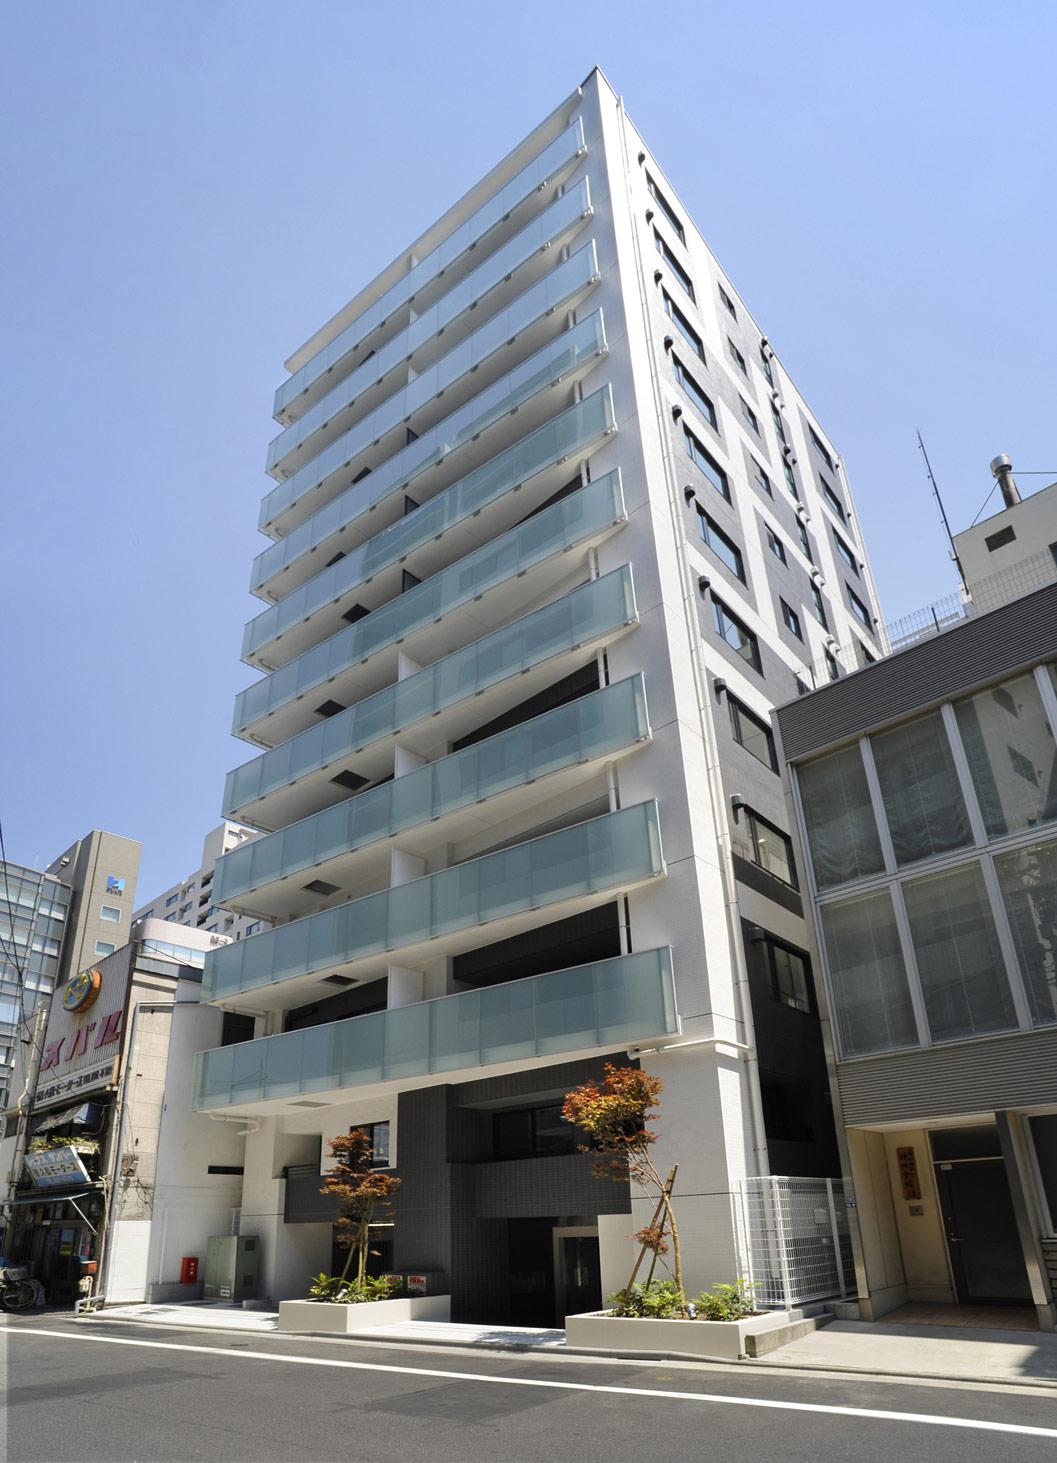 GREEN PARK 日本橋久松町 | マンションギャラリー